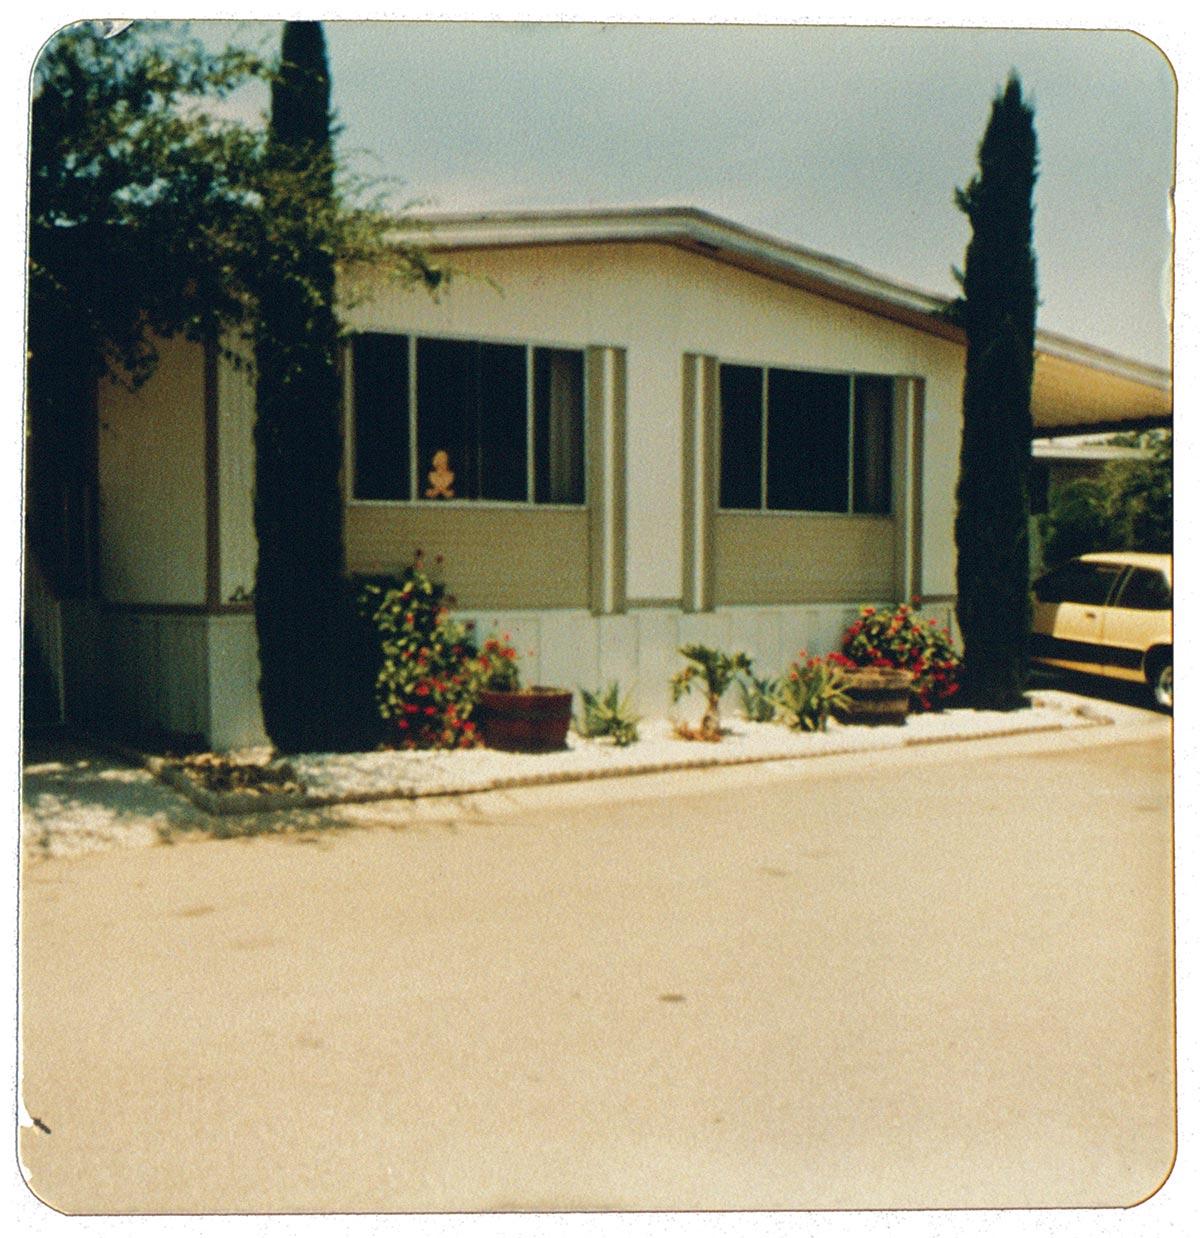 Trailer-park-house